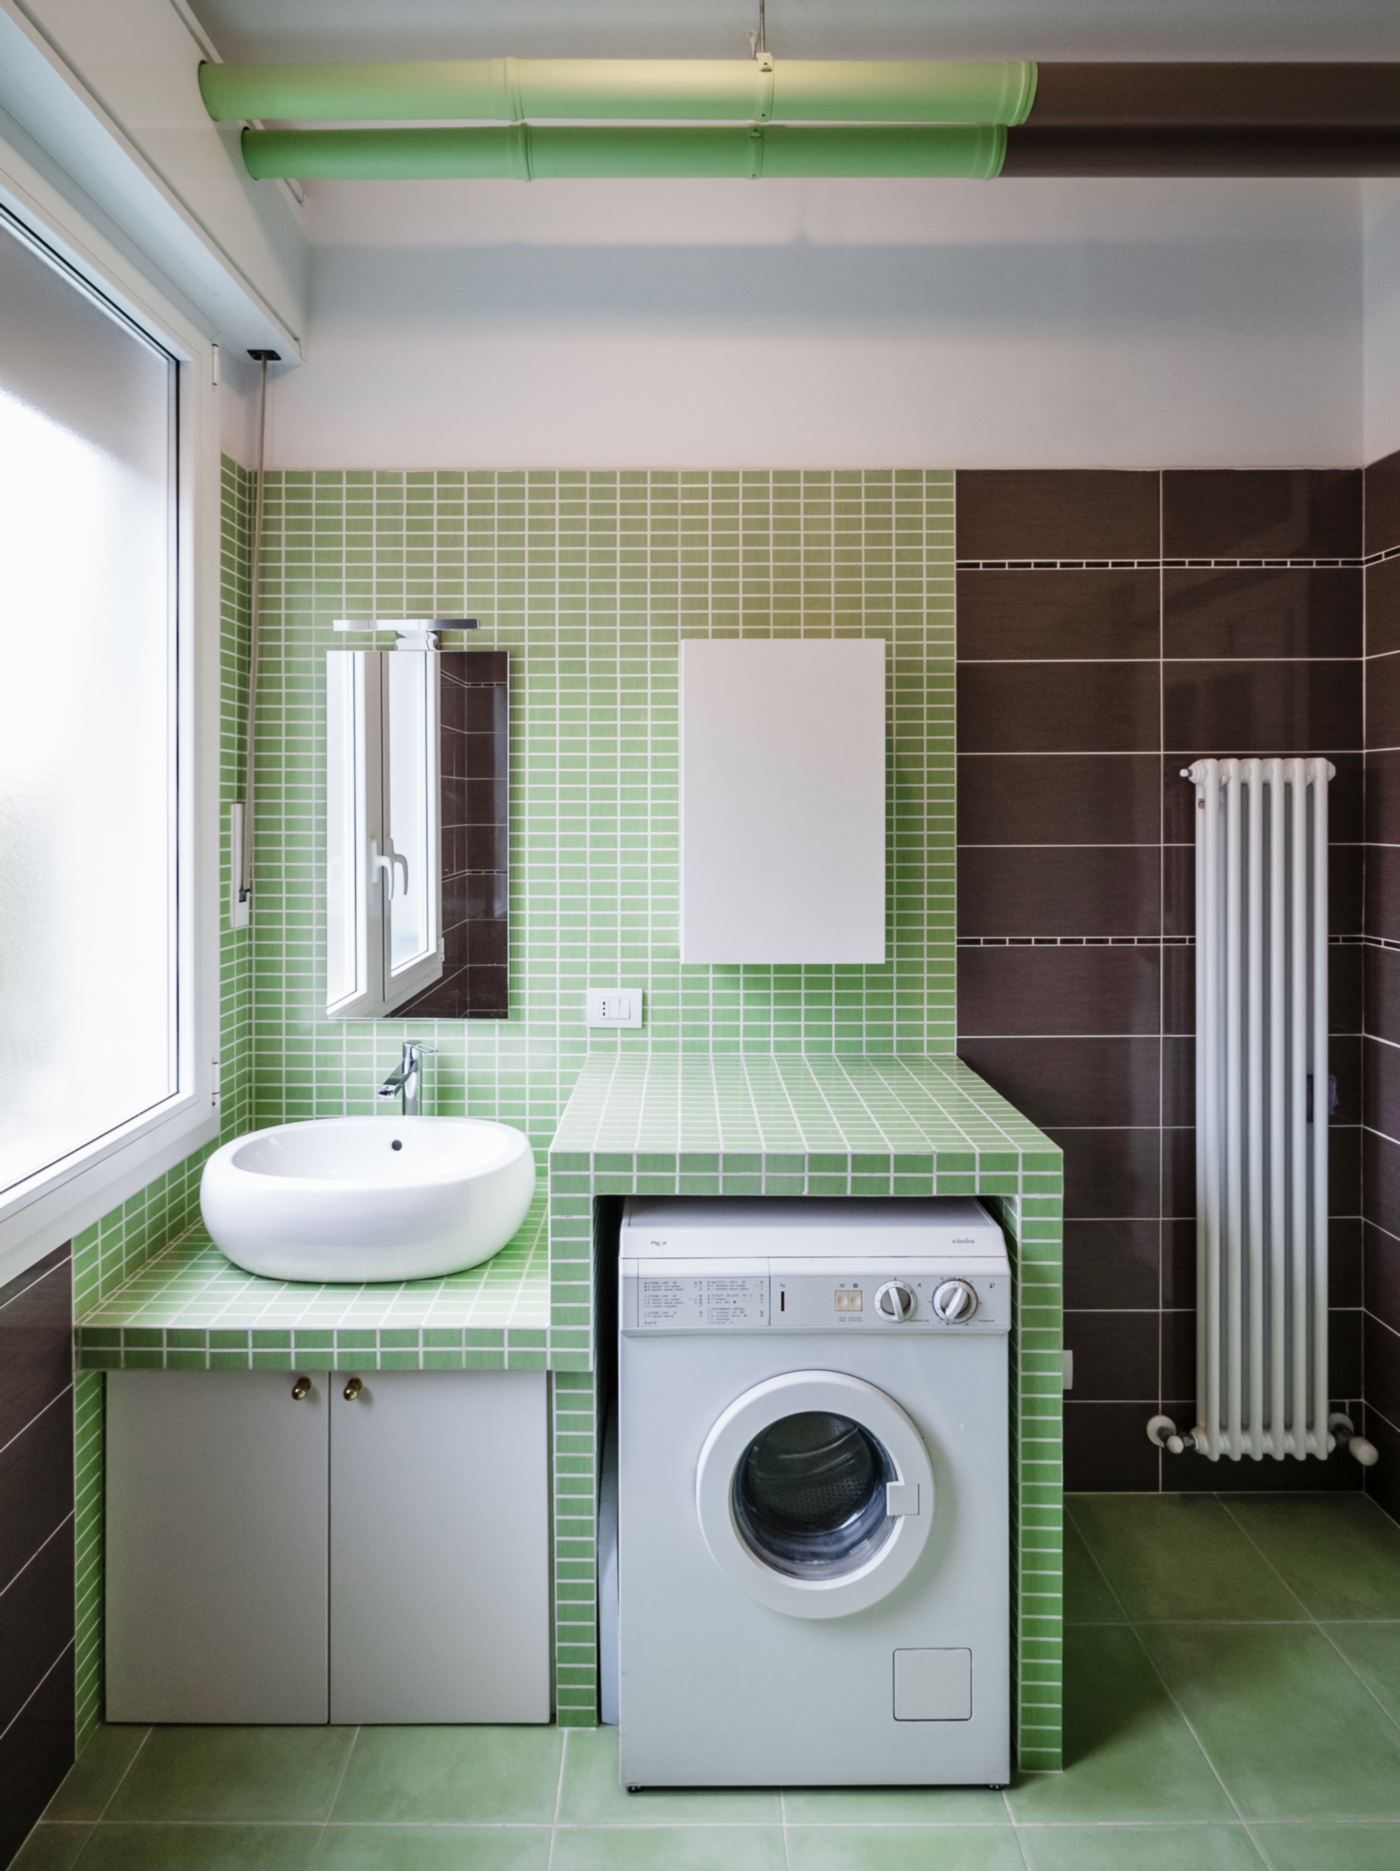 Una ristrutturazione a basso budget che rivoluziona spazi e percezione. Formati e colori diversi per creare zone nel bagno | Bottega di Architettura